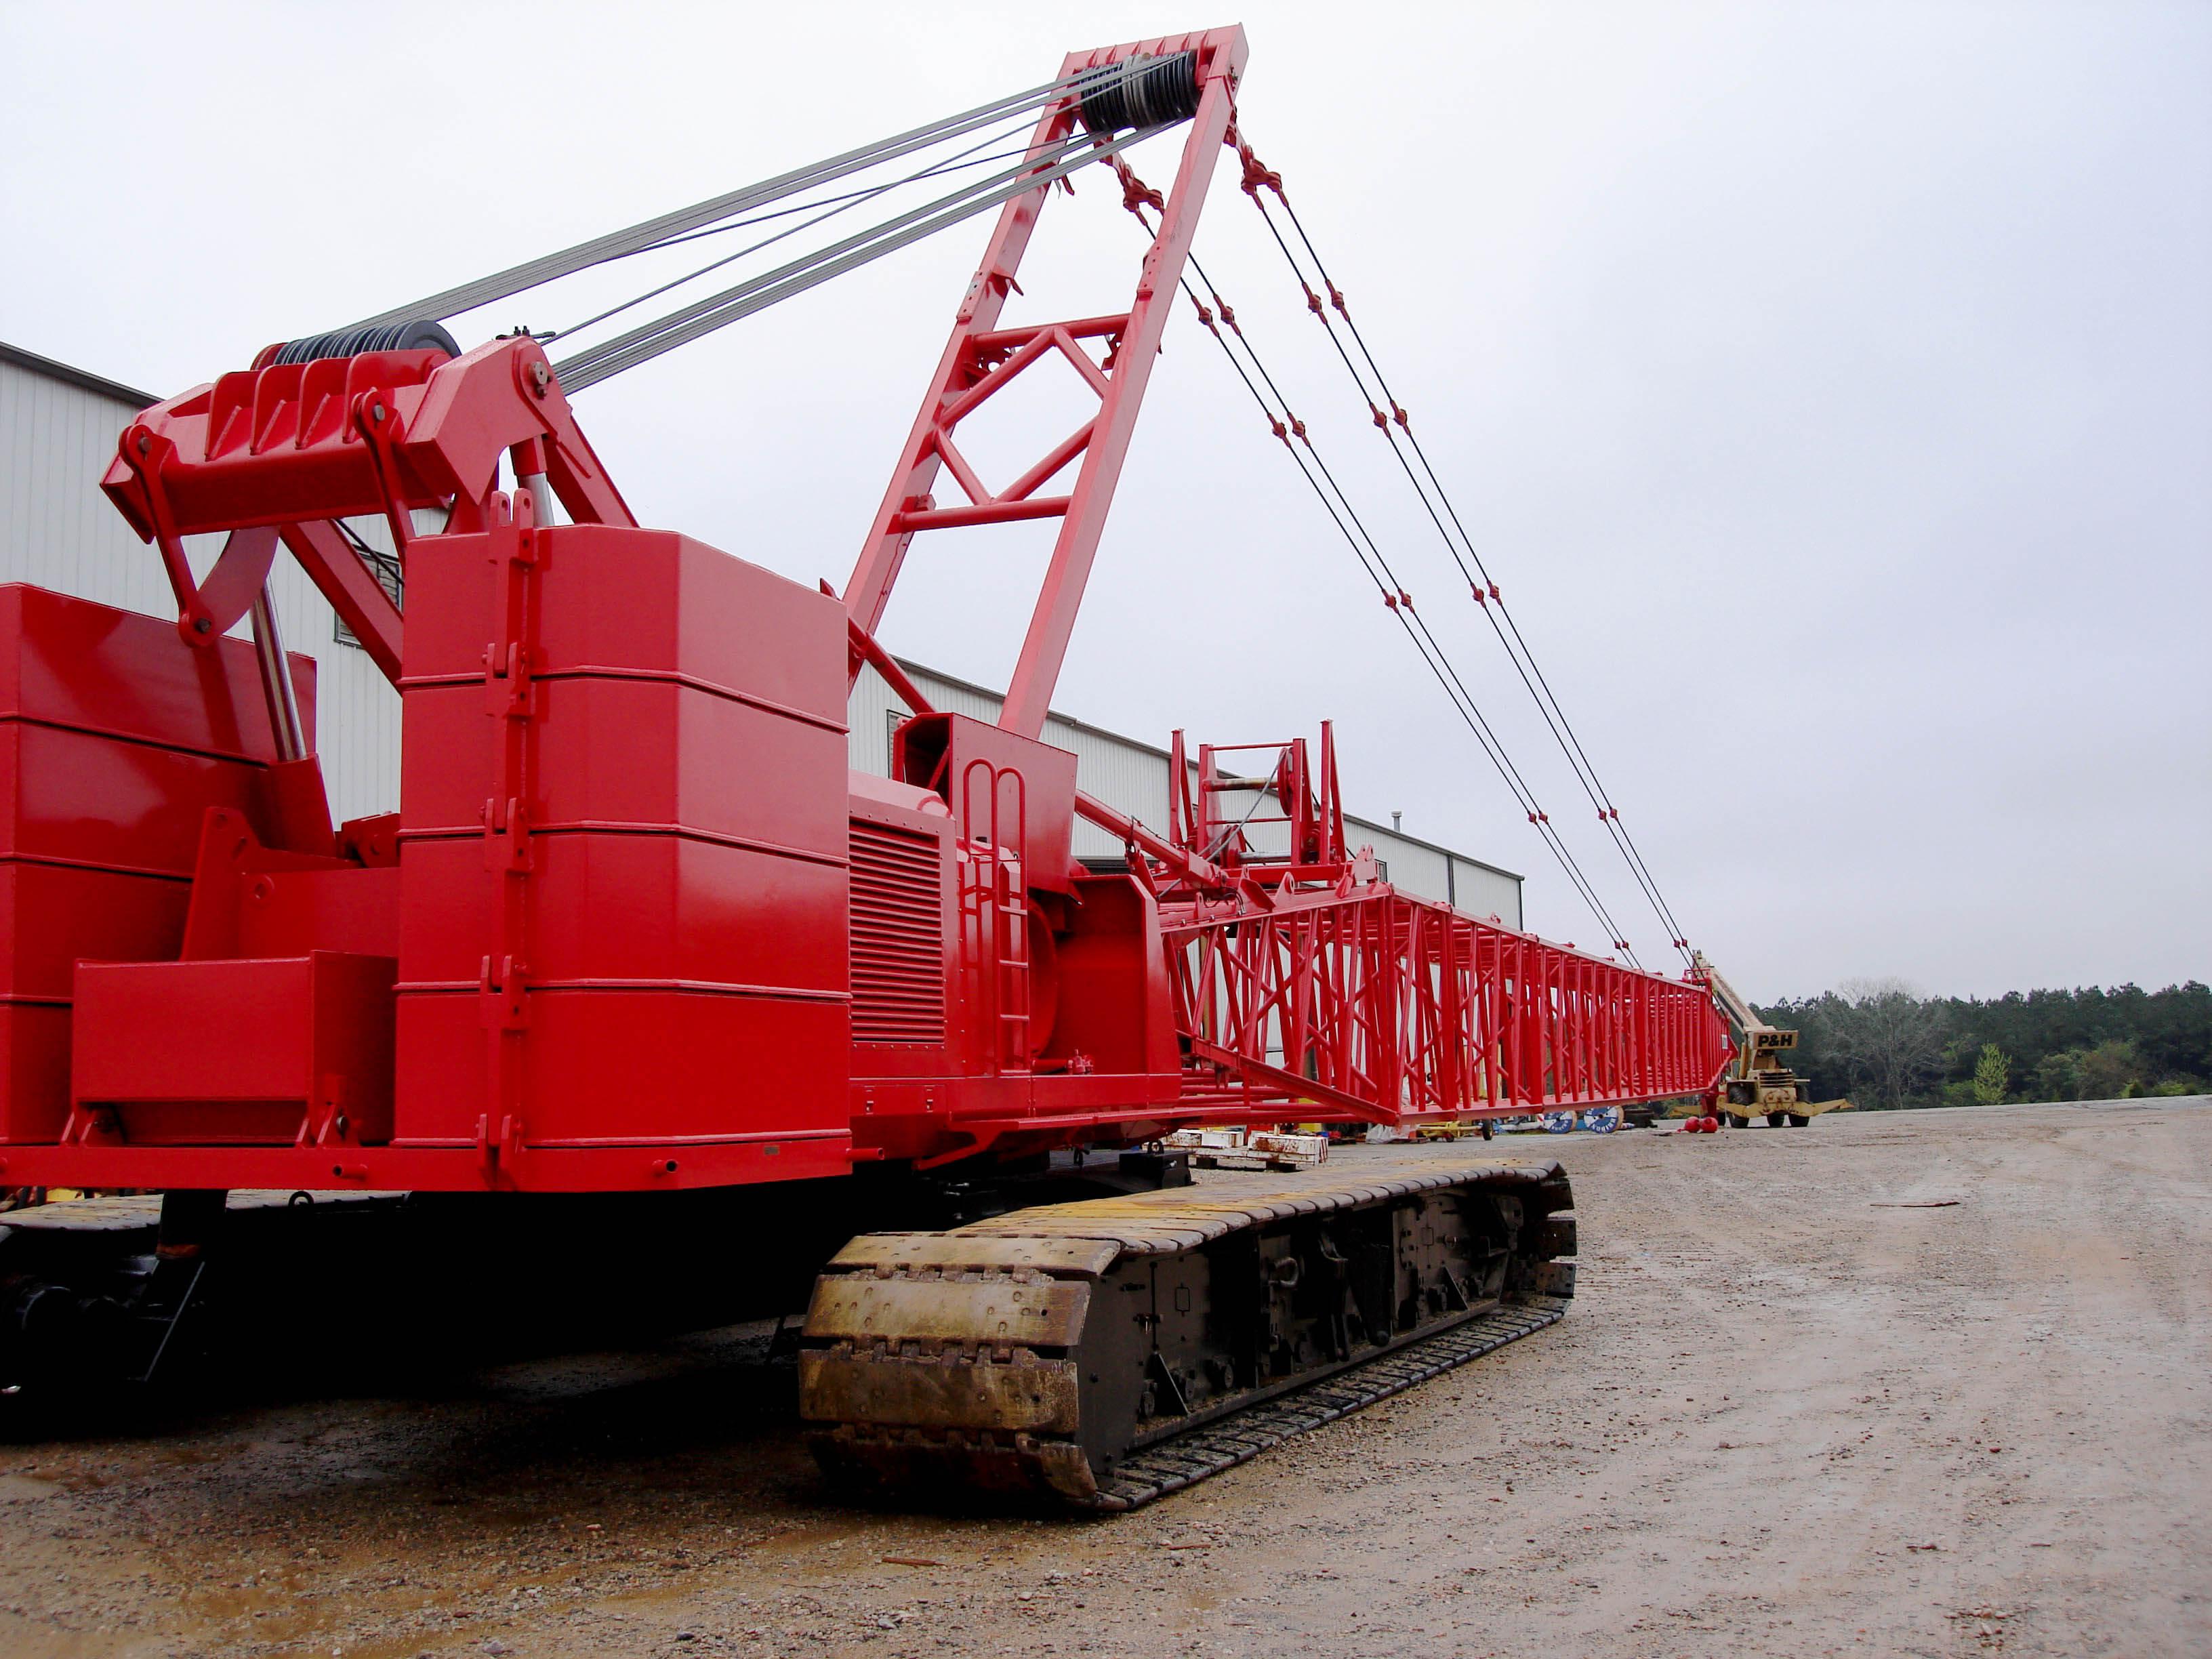 Mobile Crane Rigging : Crane rigging signal person training operatornetwork